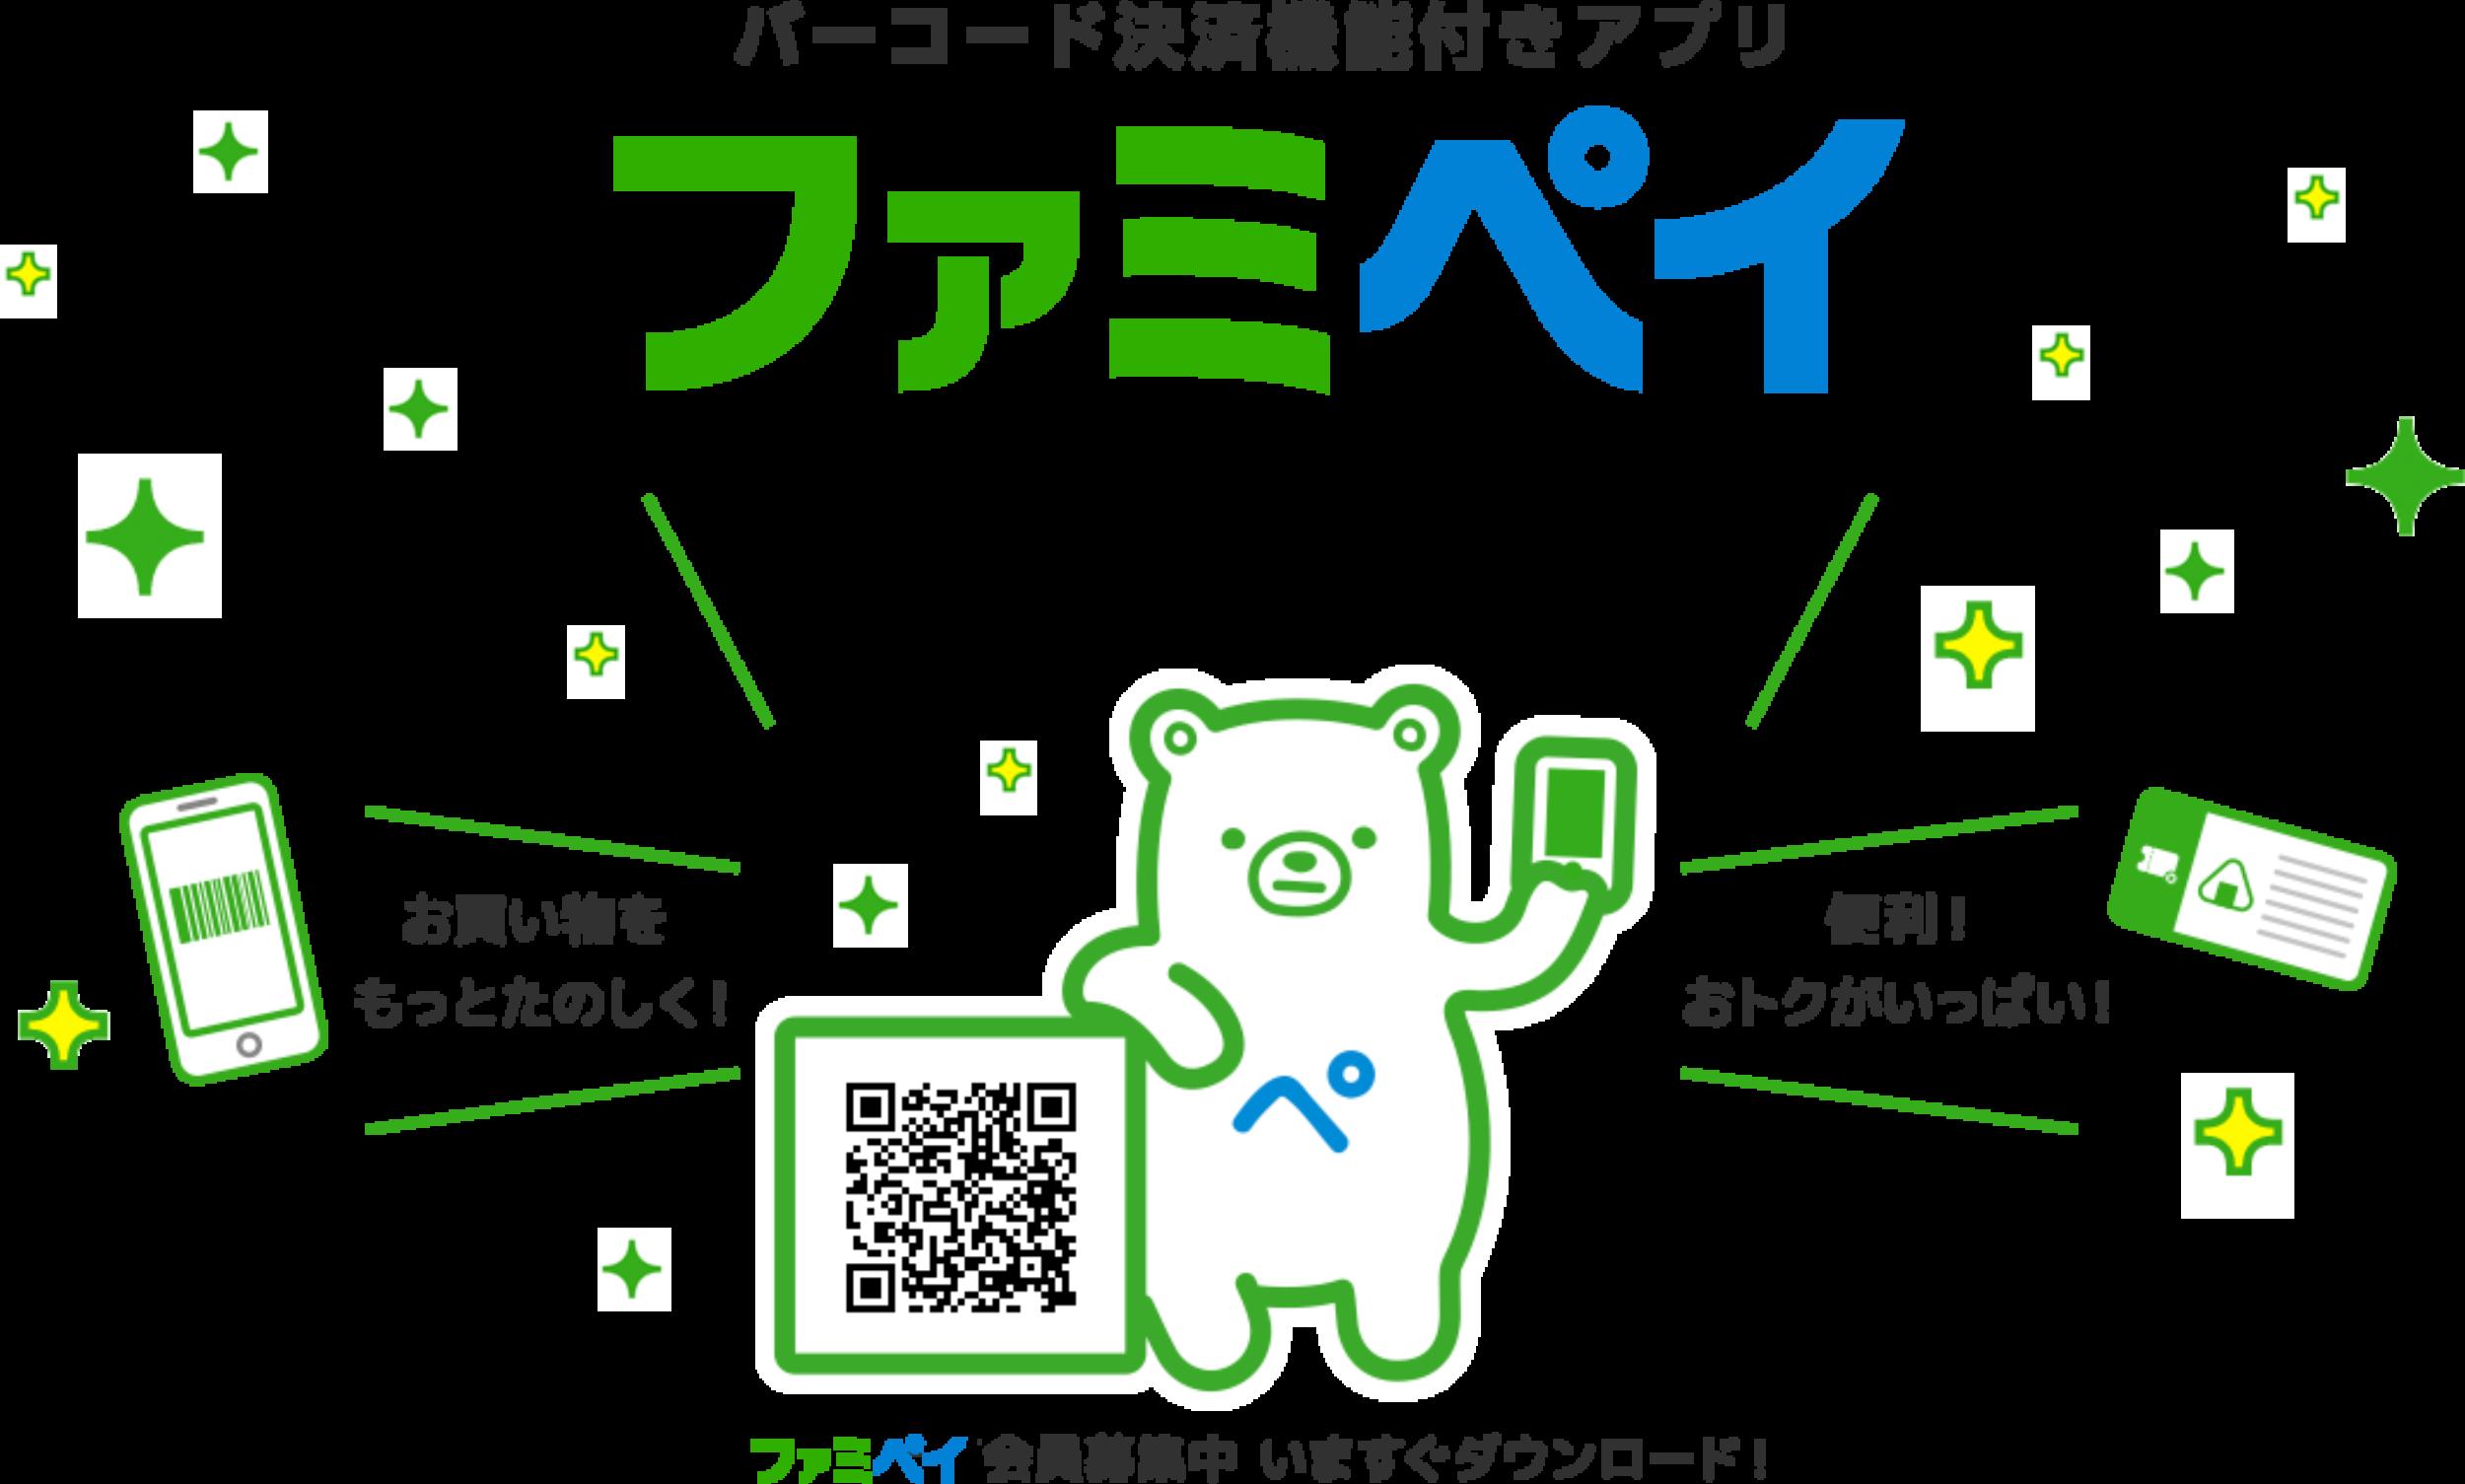 ファミペイ(FamiPay)裏技集!!